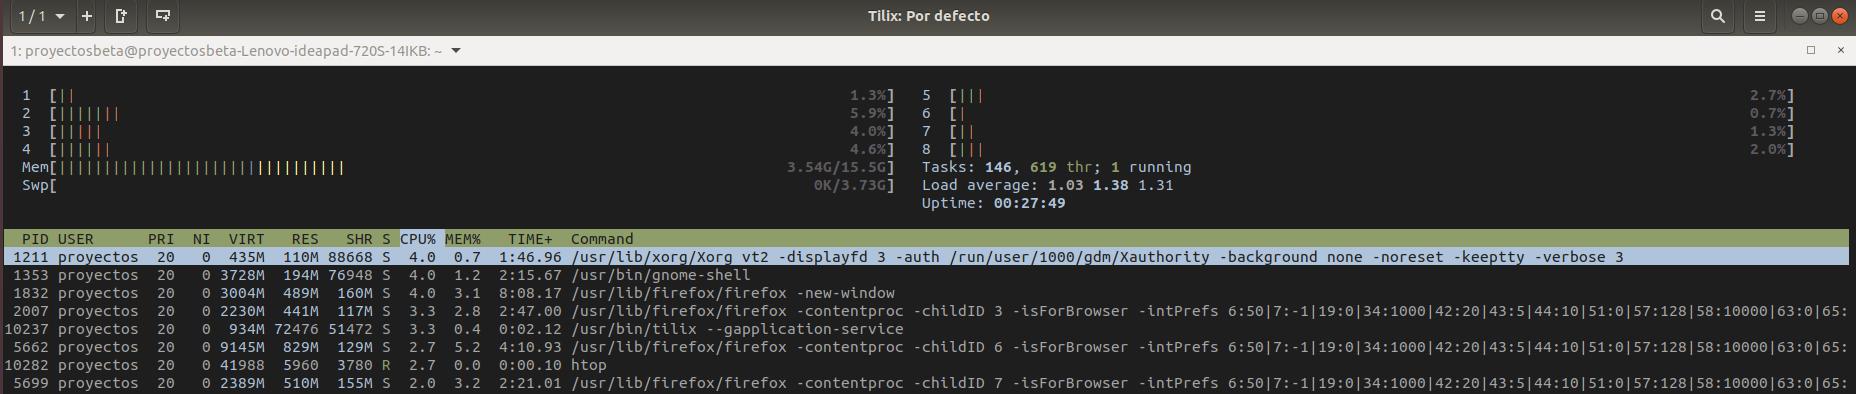 Tilix en Ubuntu 18.04 LTS Bionic Beaver de 64 bits